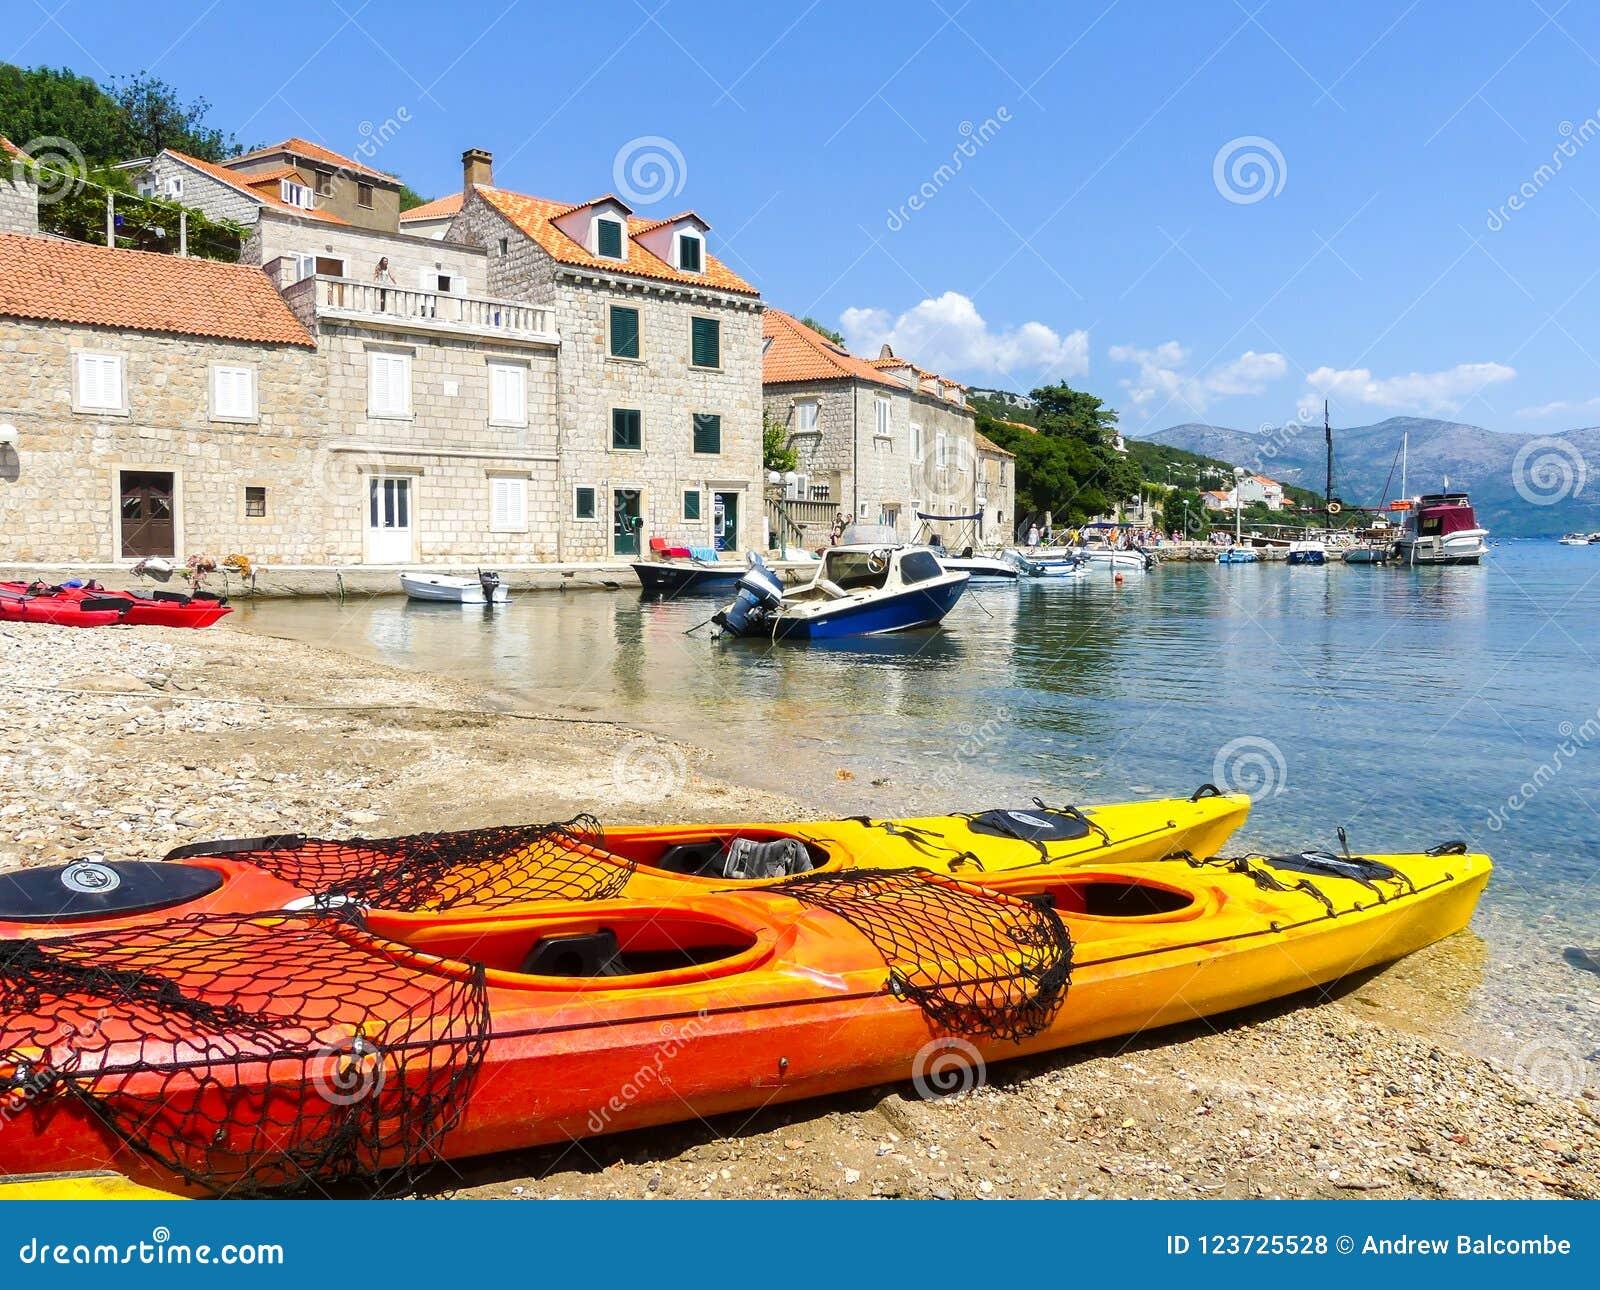 La scène côtière de Peacefull sur la côte de Dalmaitia de la Croatie avec le sport kayaks des bateaux et des maisons de vacances